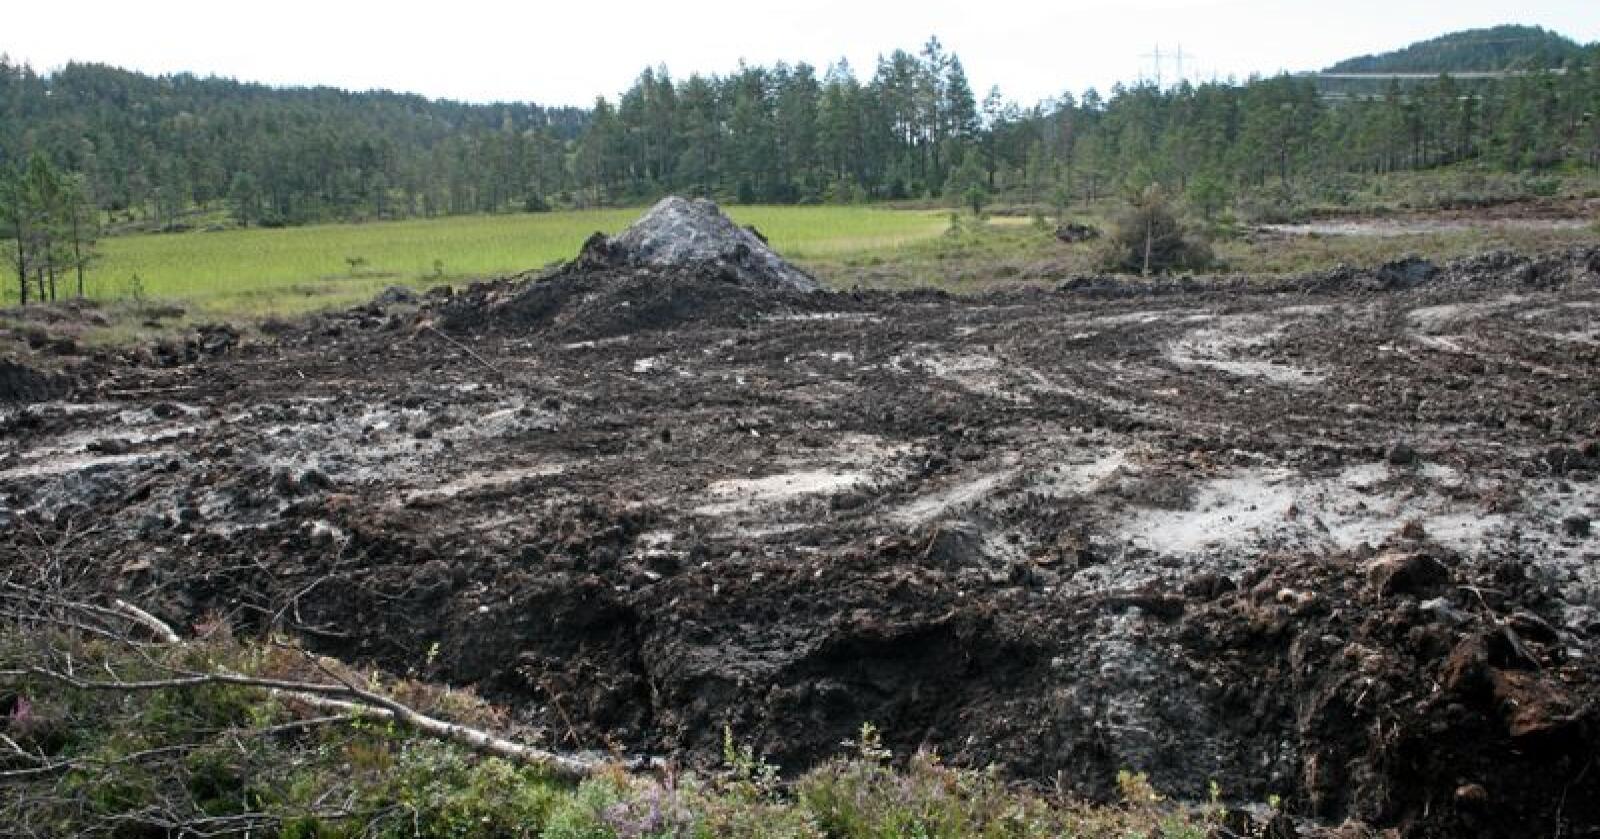 Forbud: Å la være å dyrke opp myr vil avlaste landbruket for andre og dyrere klimatiltak. Foto: Bjarne Bekkeheien Aase